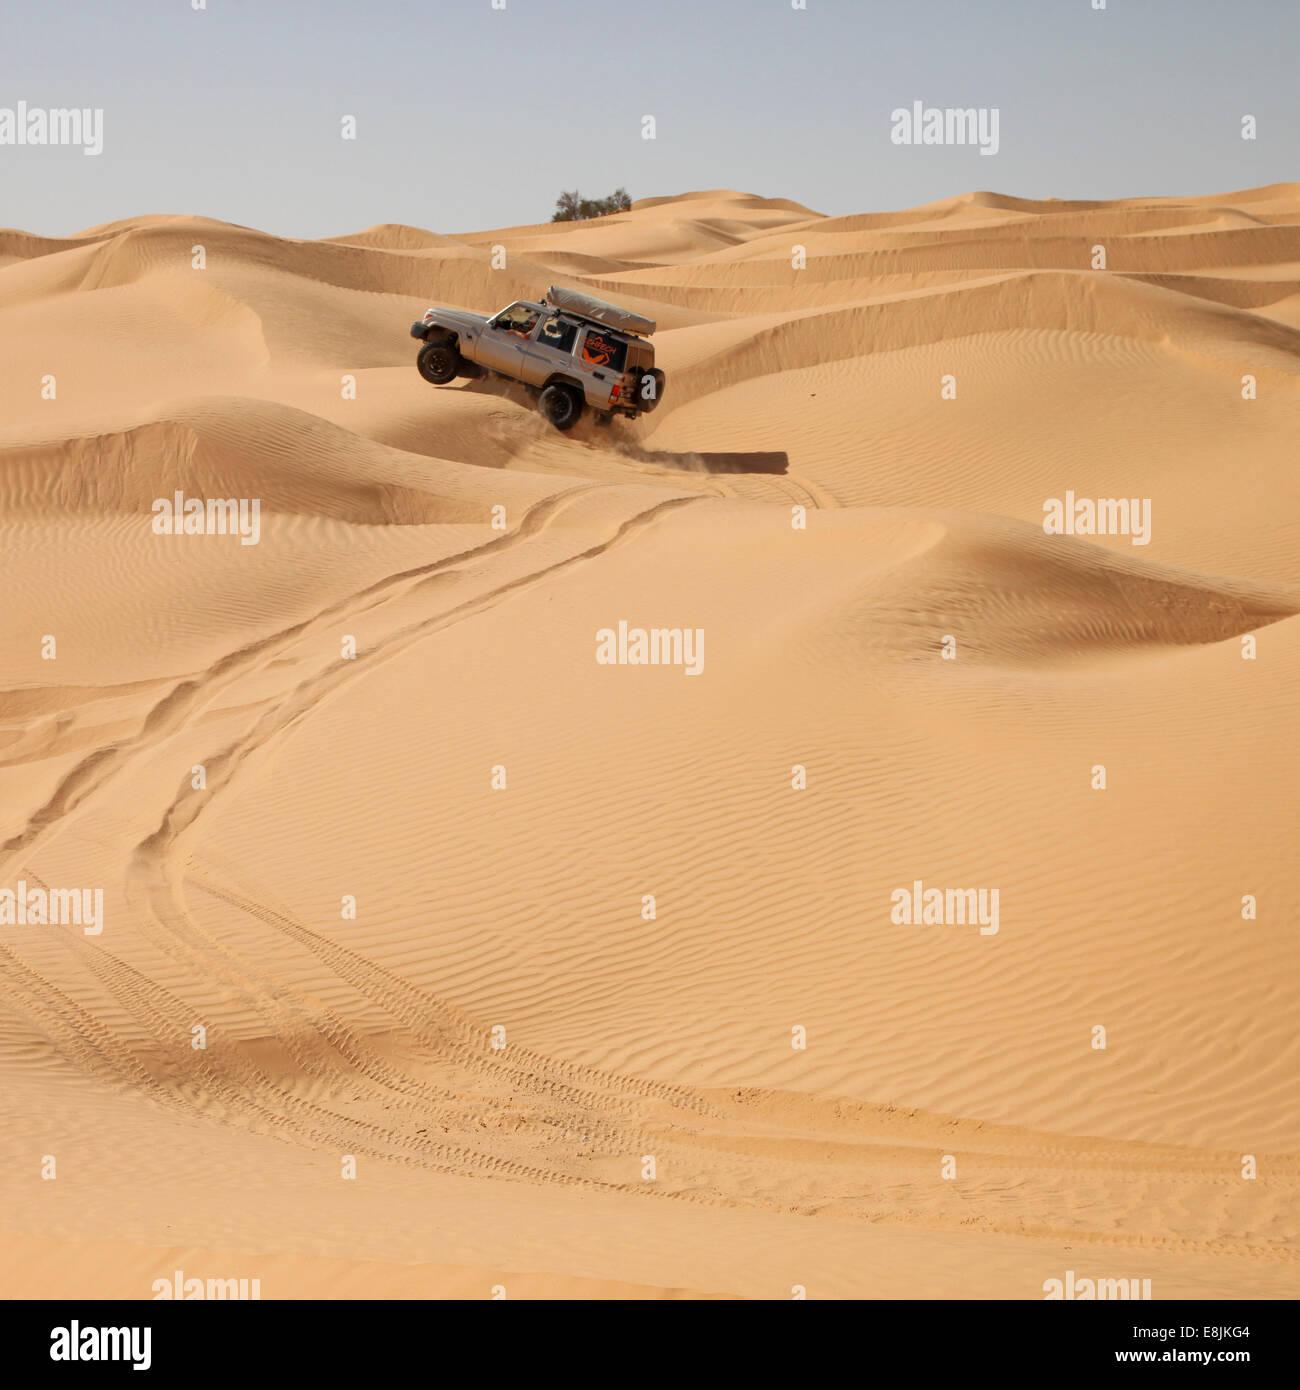 Véhicule dans le désert. Photo Stock